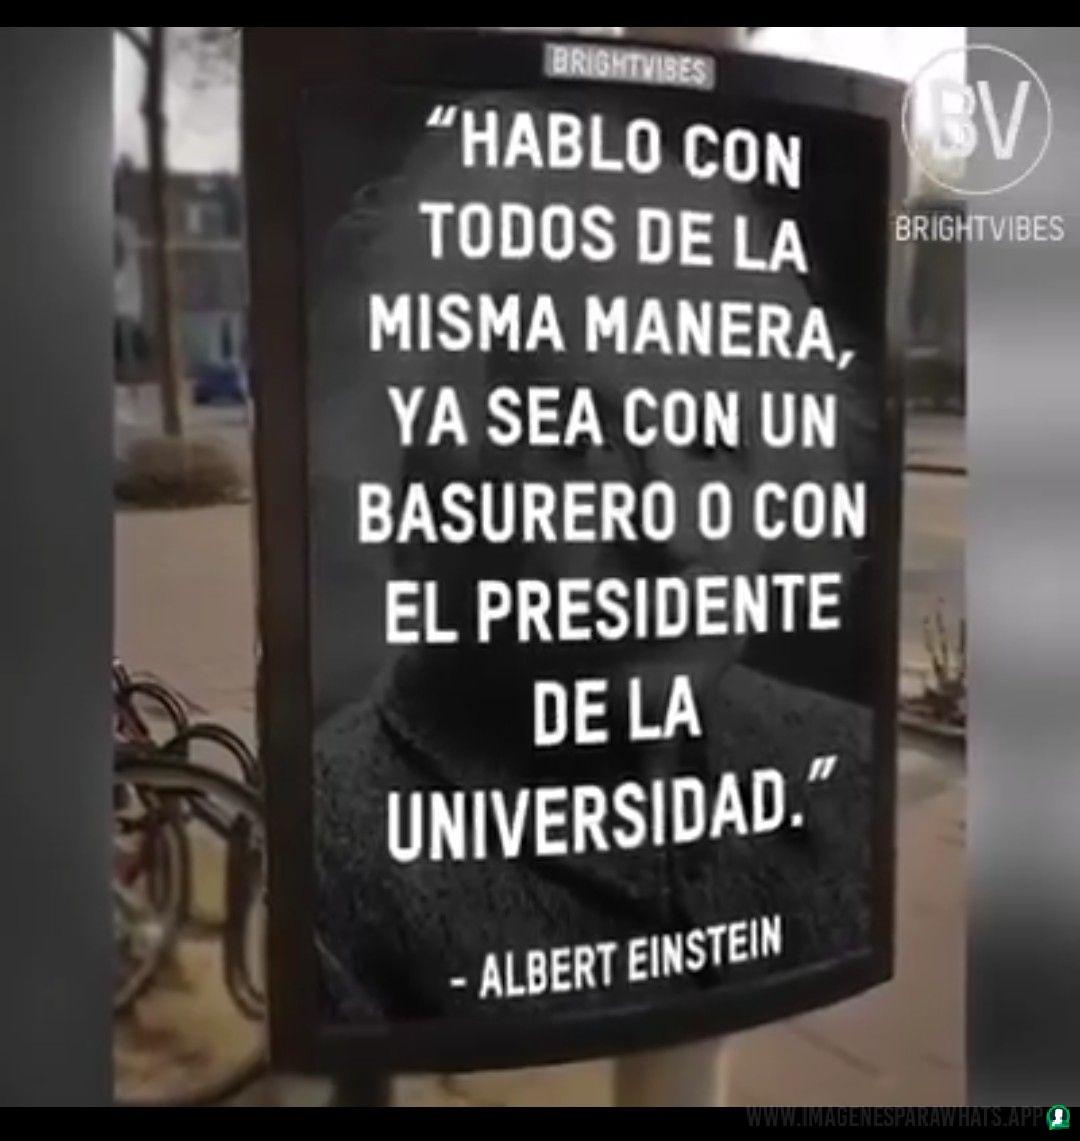 Imagenes-de-humildad-52